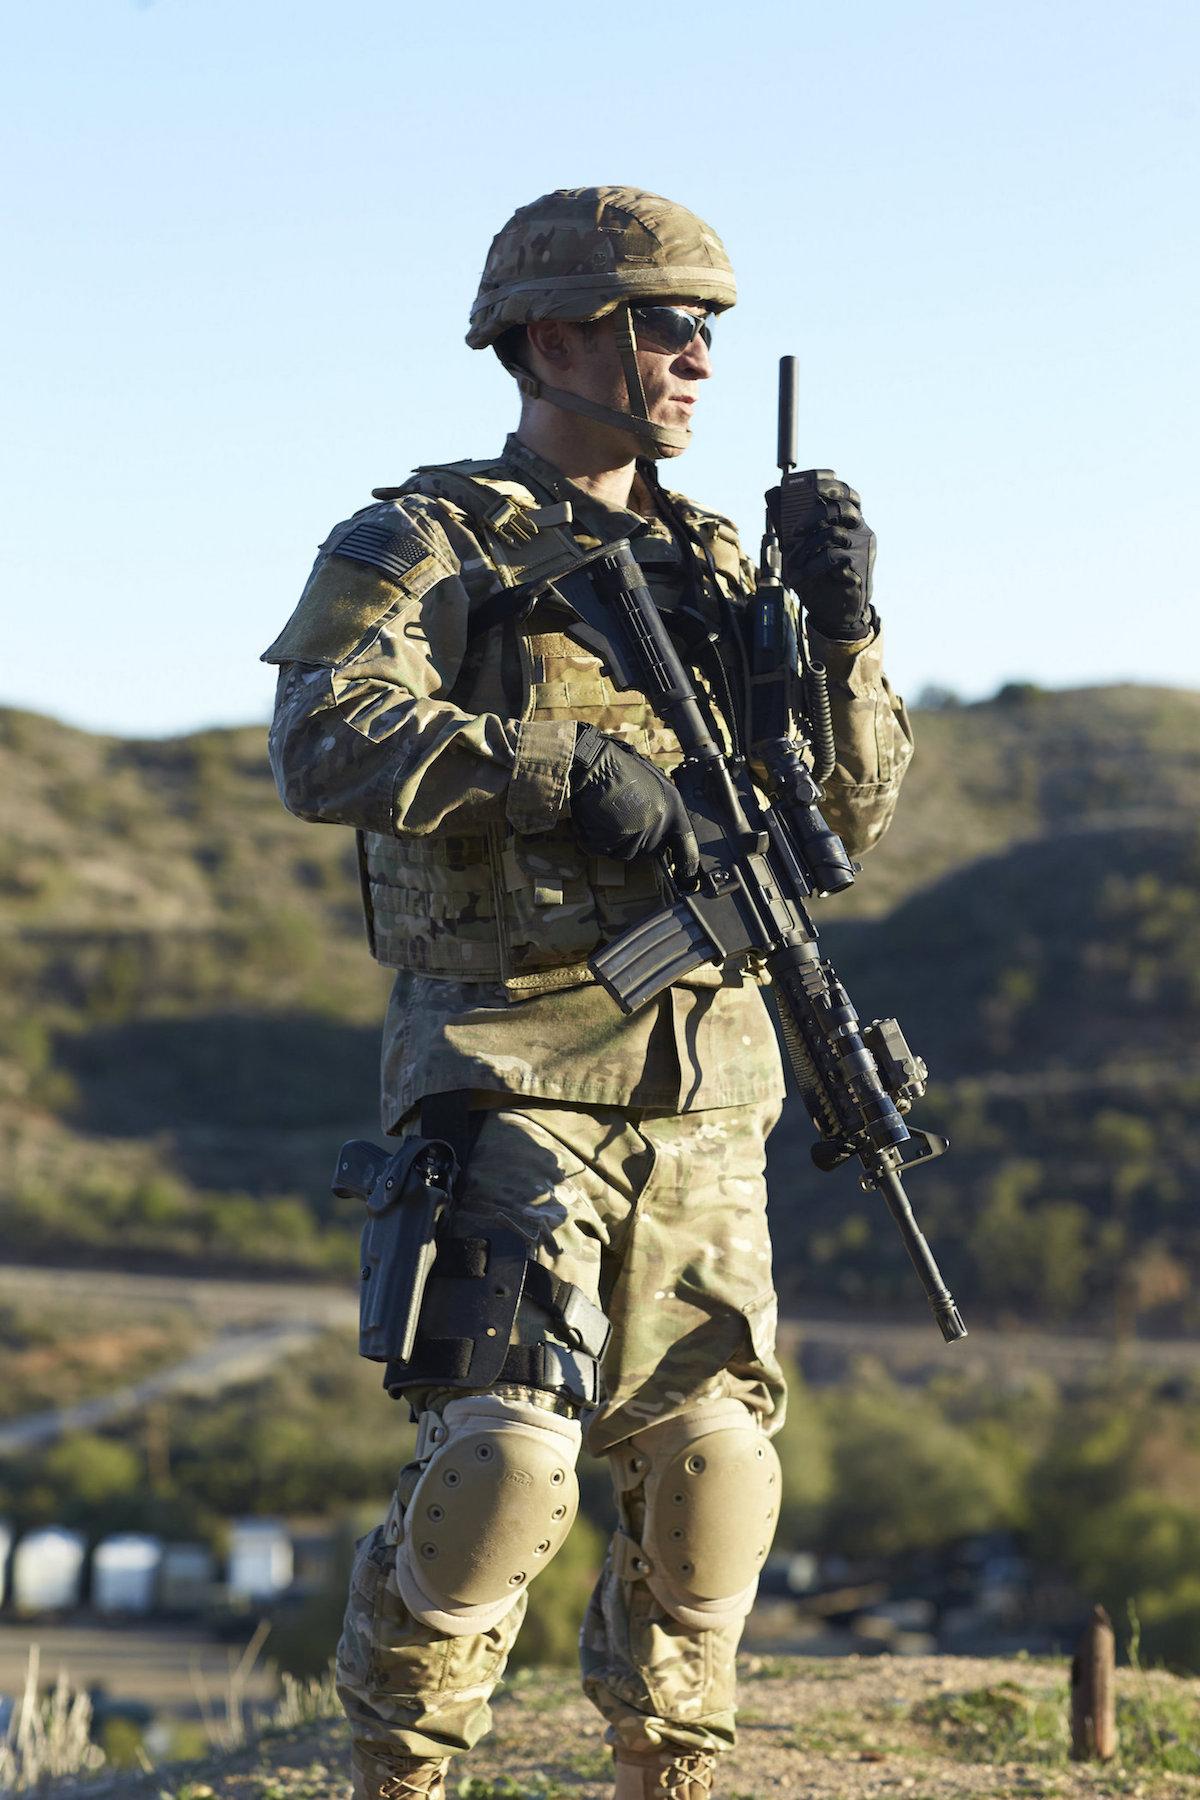 ファルコン無線機を使う兵士